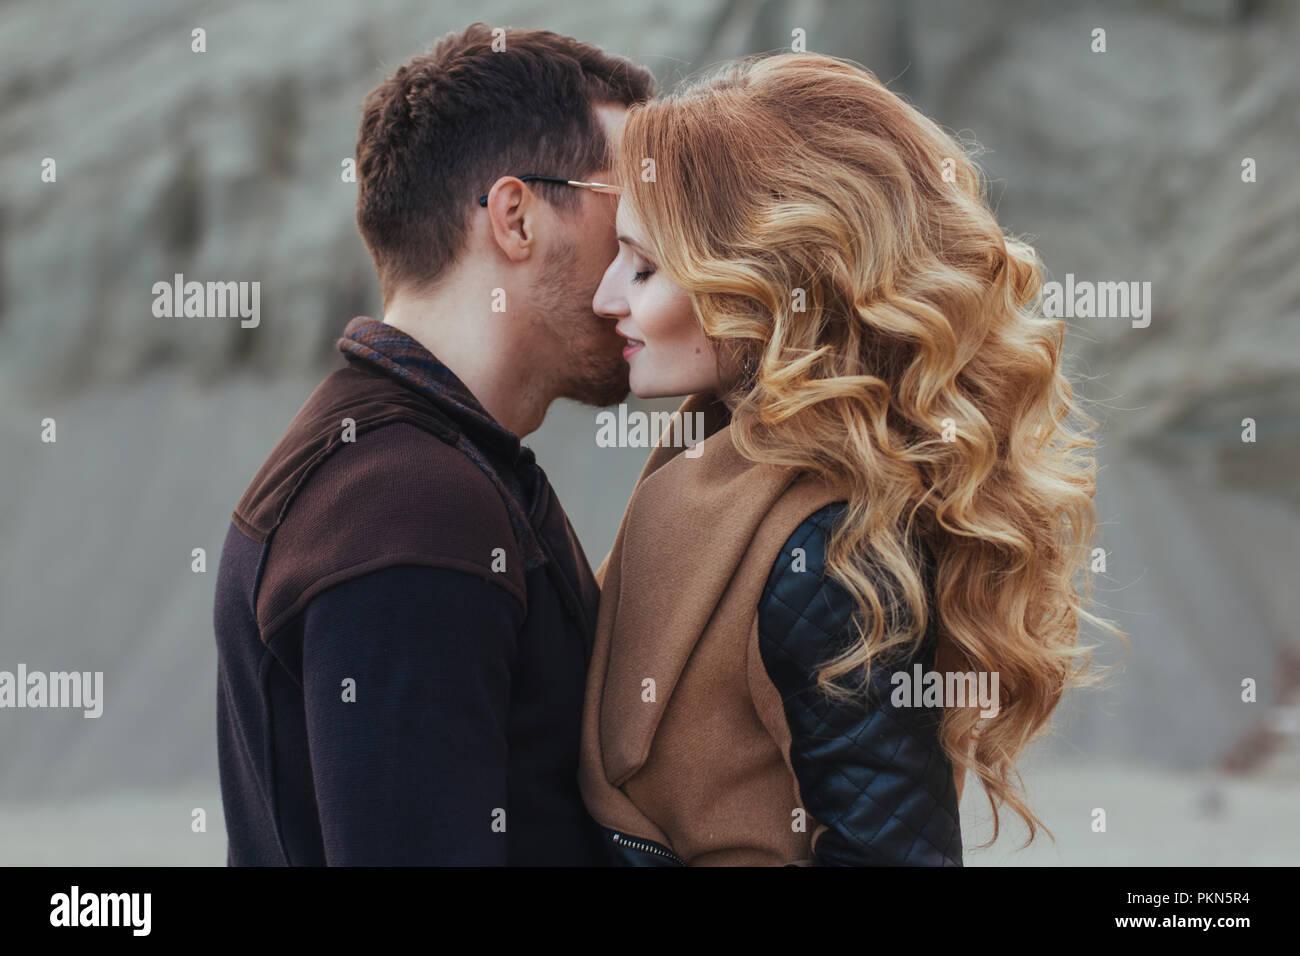 Schönes Paar in Liebe am Valentinstag. Glückliches junges Paar auf dem sandigen Berge an einem bewölkten Tag Stockbild